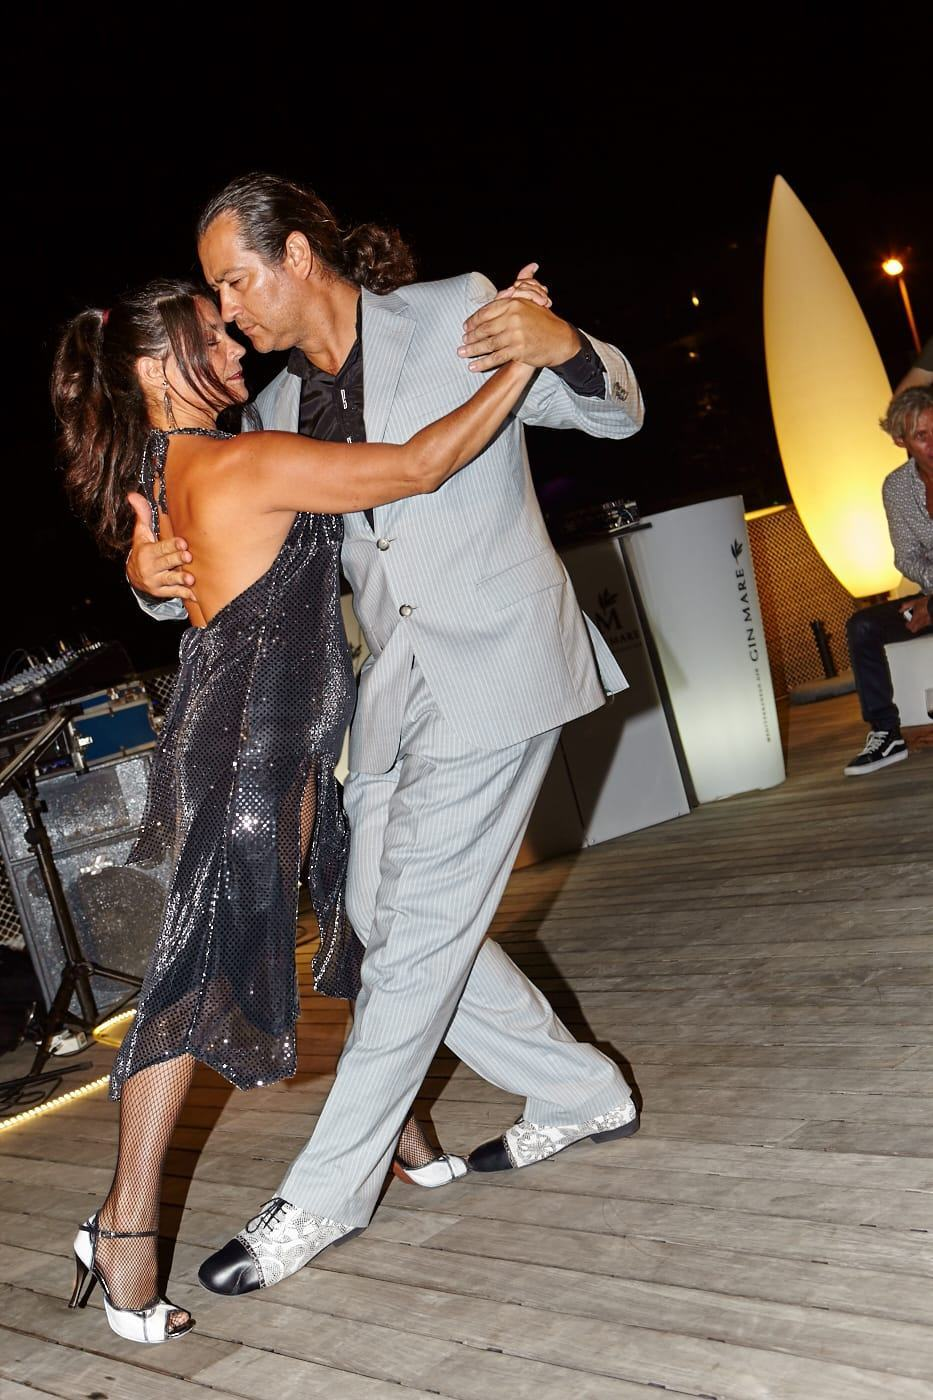 Marcelo y Cintia bailando un tango